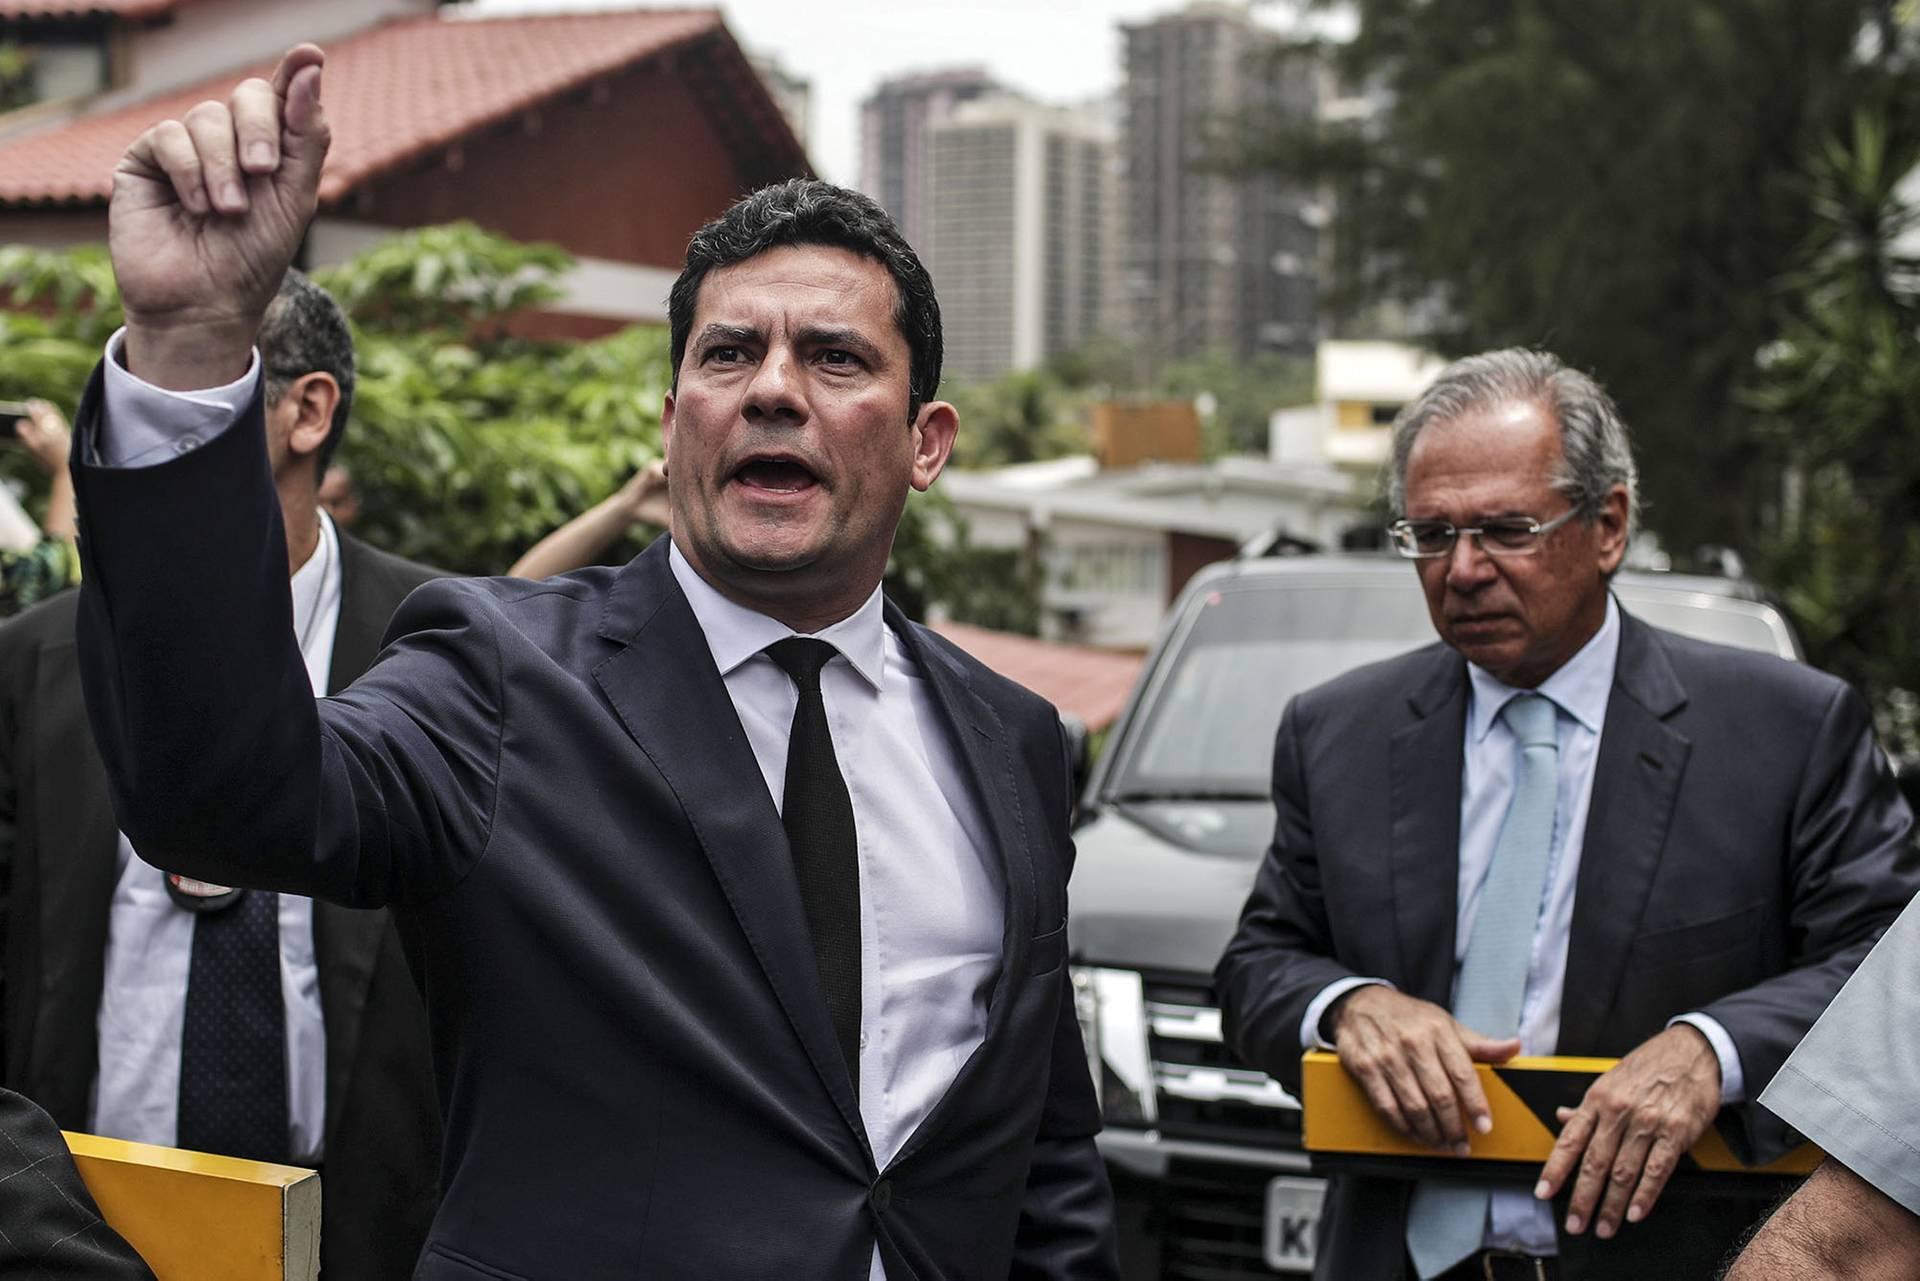 Бразильський суддя Серджіо Мору (ліворуч) перед зустріччю з новообраним президентом Жаїром Болсонару в Ріо-де-Жанейро, Бразилія, 1 листопада 2018 року